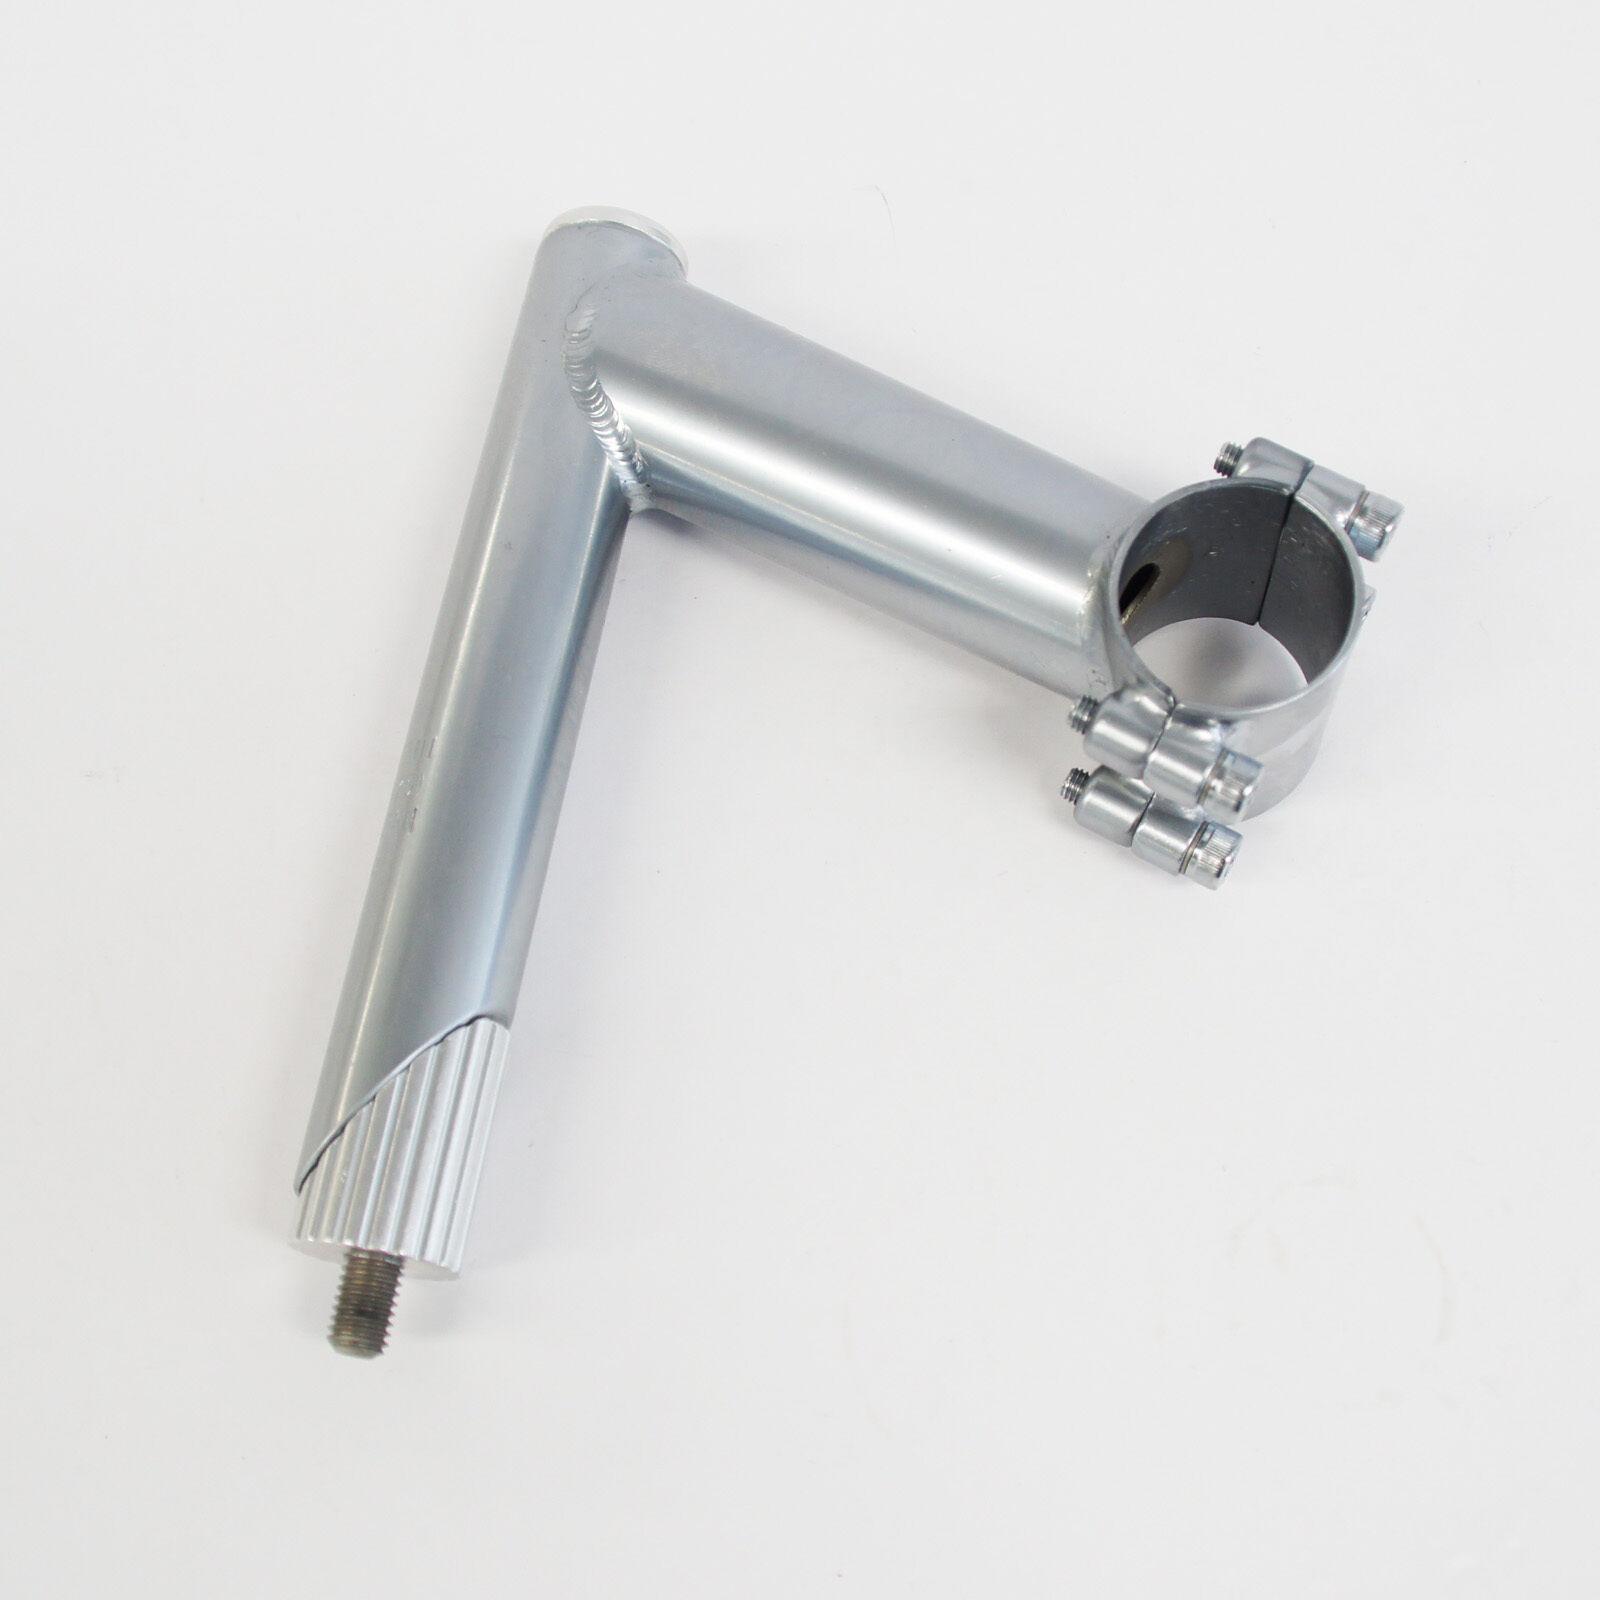 NITTO UI-12 Quill Stem 70mm (UI-12-70) 849875